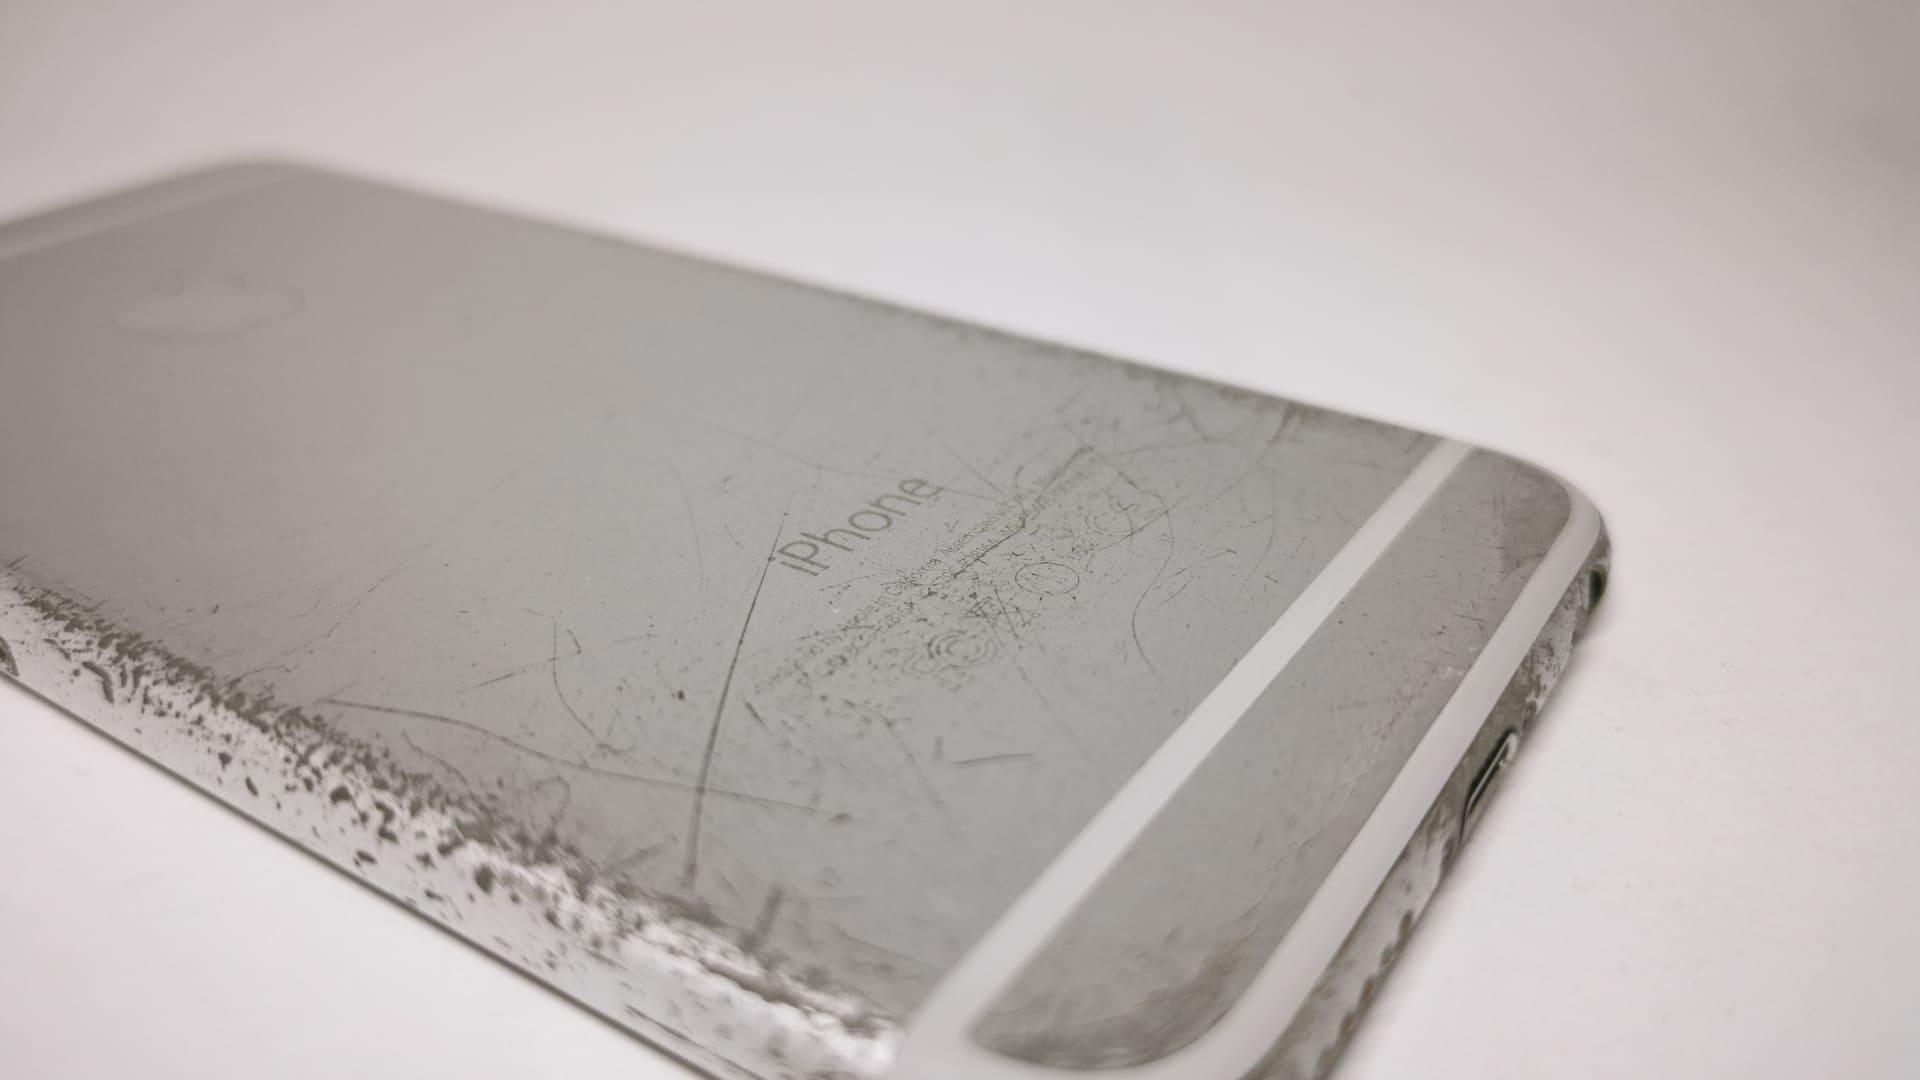 iPhone usado: veja o estado de conservação (Foto: Ekahardiwito / Shutterstock.com)